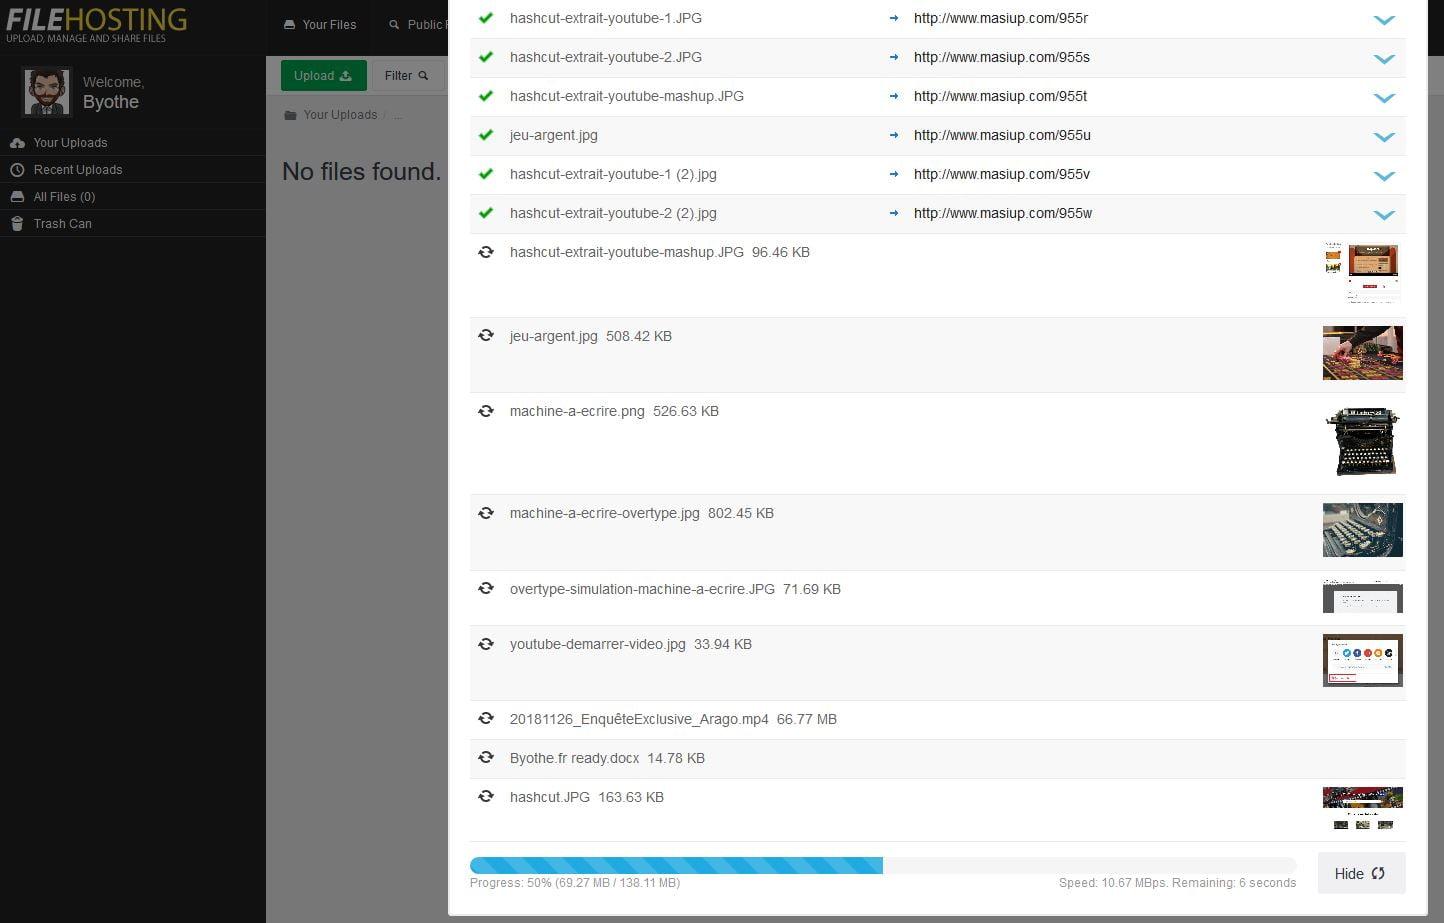 upload-fichier Masiup, stockez en illimité et gratuitement des fichiers en ligne !